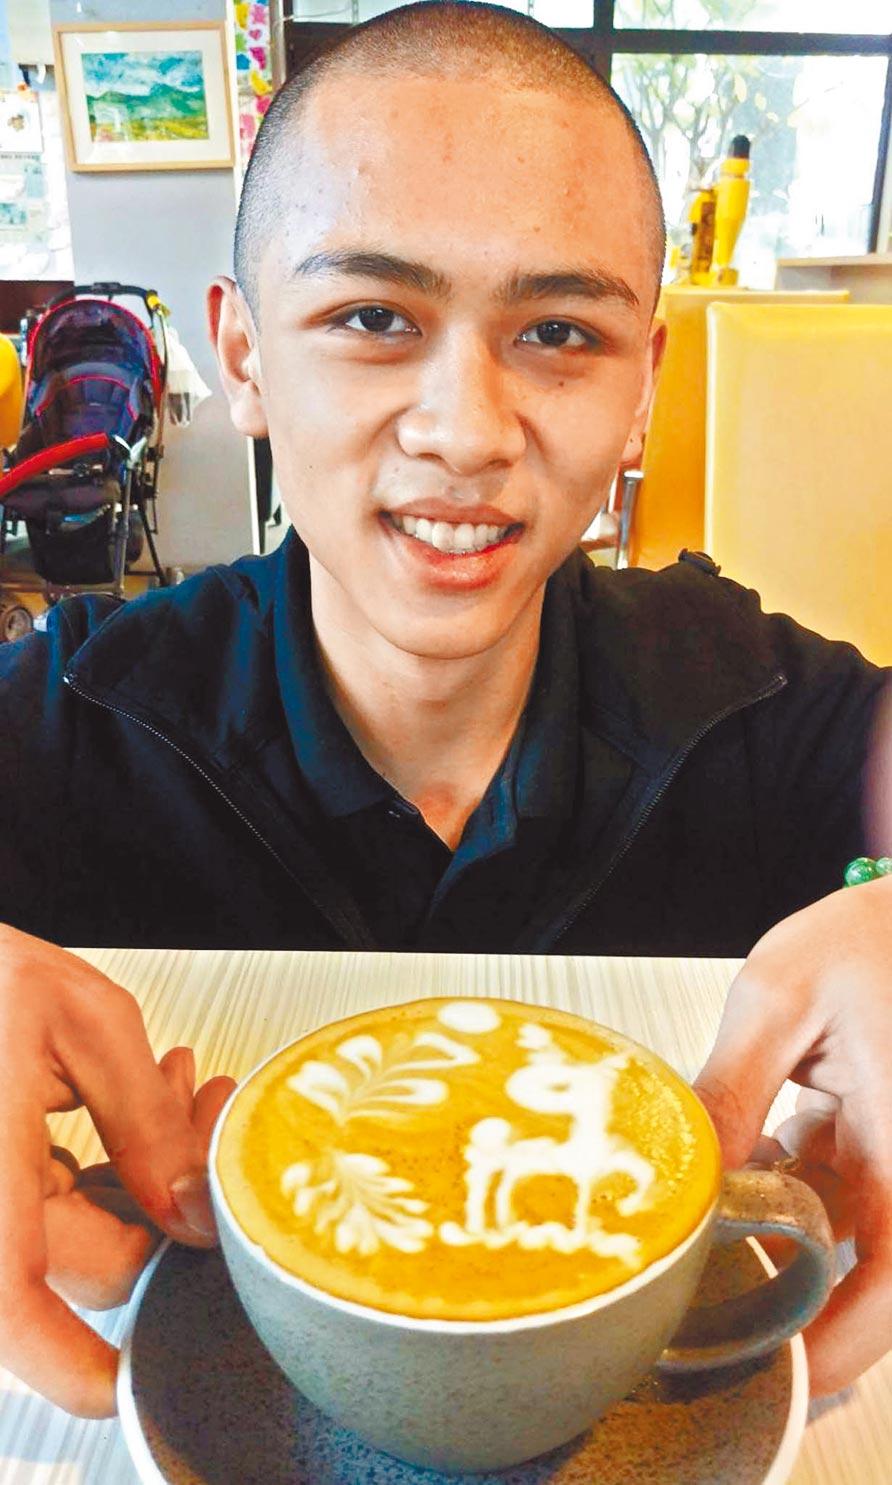 飛夢林咖啡館培養青少年有一技之長,找回新的生活目標。18歲的張育明國中時常翹課,進入飛夢林後喜歡上咖啡,如今已考取咖啡種子教師證書。(潘建志攝)